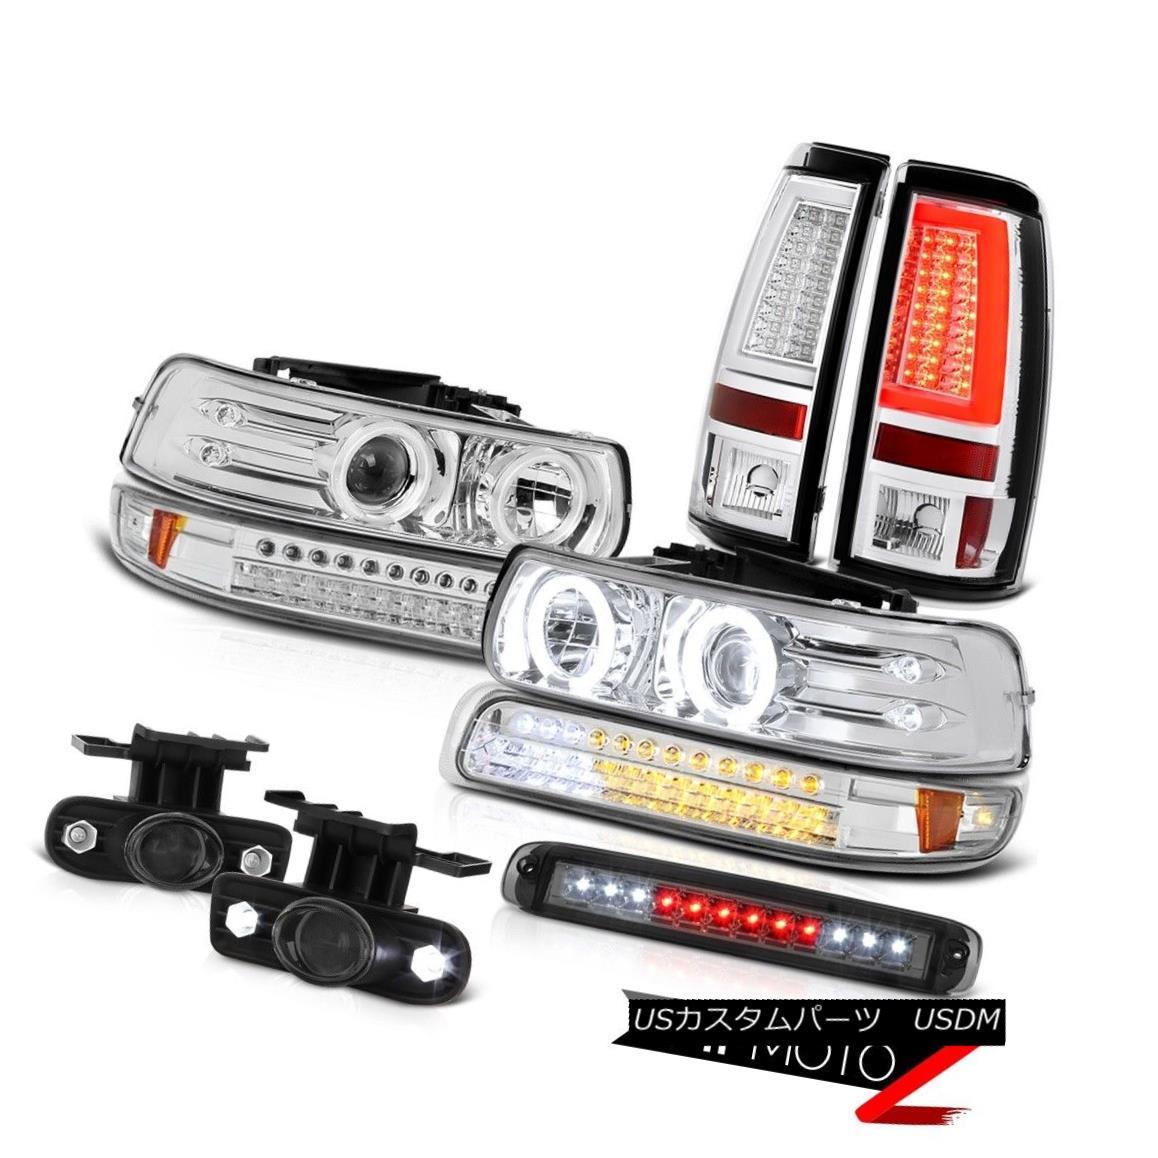 ファッションの ヘッドライト 1999-2002 1999-2002 Silverado LT Taillights High Silverado Stop Lamp Parking High Headlights Foglamps LED 1999-2002 Silverado LT灯台ハイストップランプパーキングヘッドライトフォグランプLED, ライフハーモニー:0ad8f365 --- scrabblewordsfinder.net